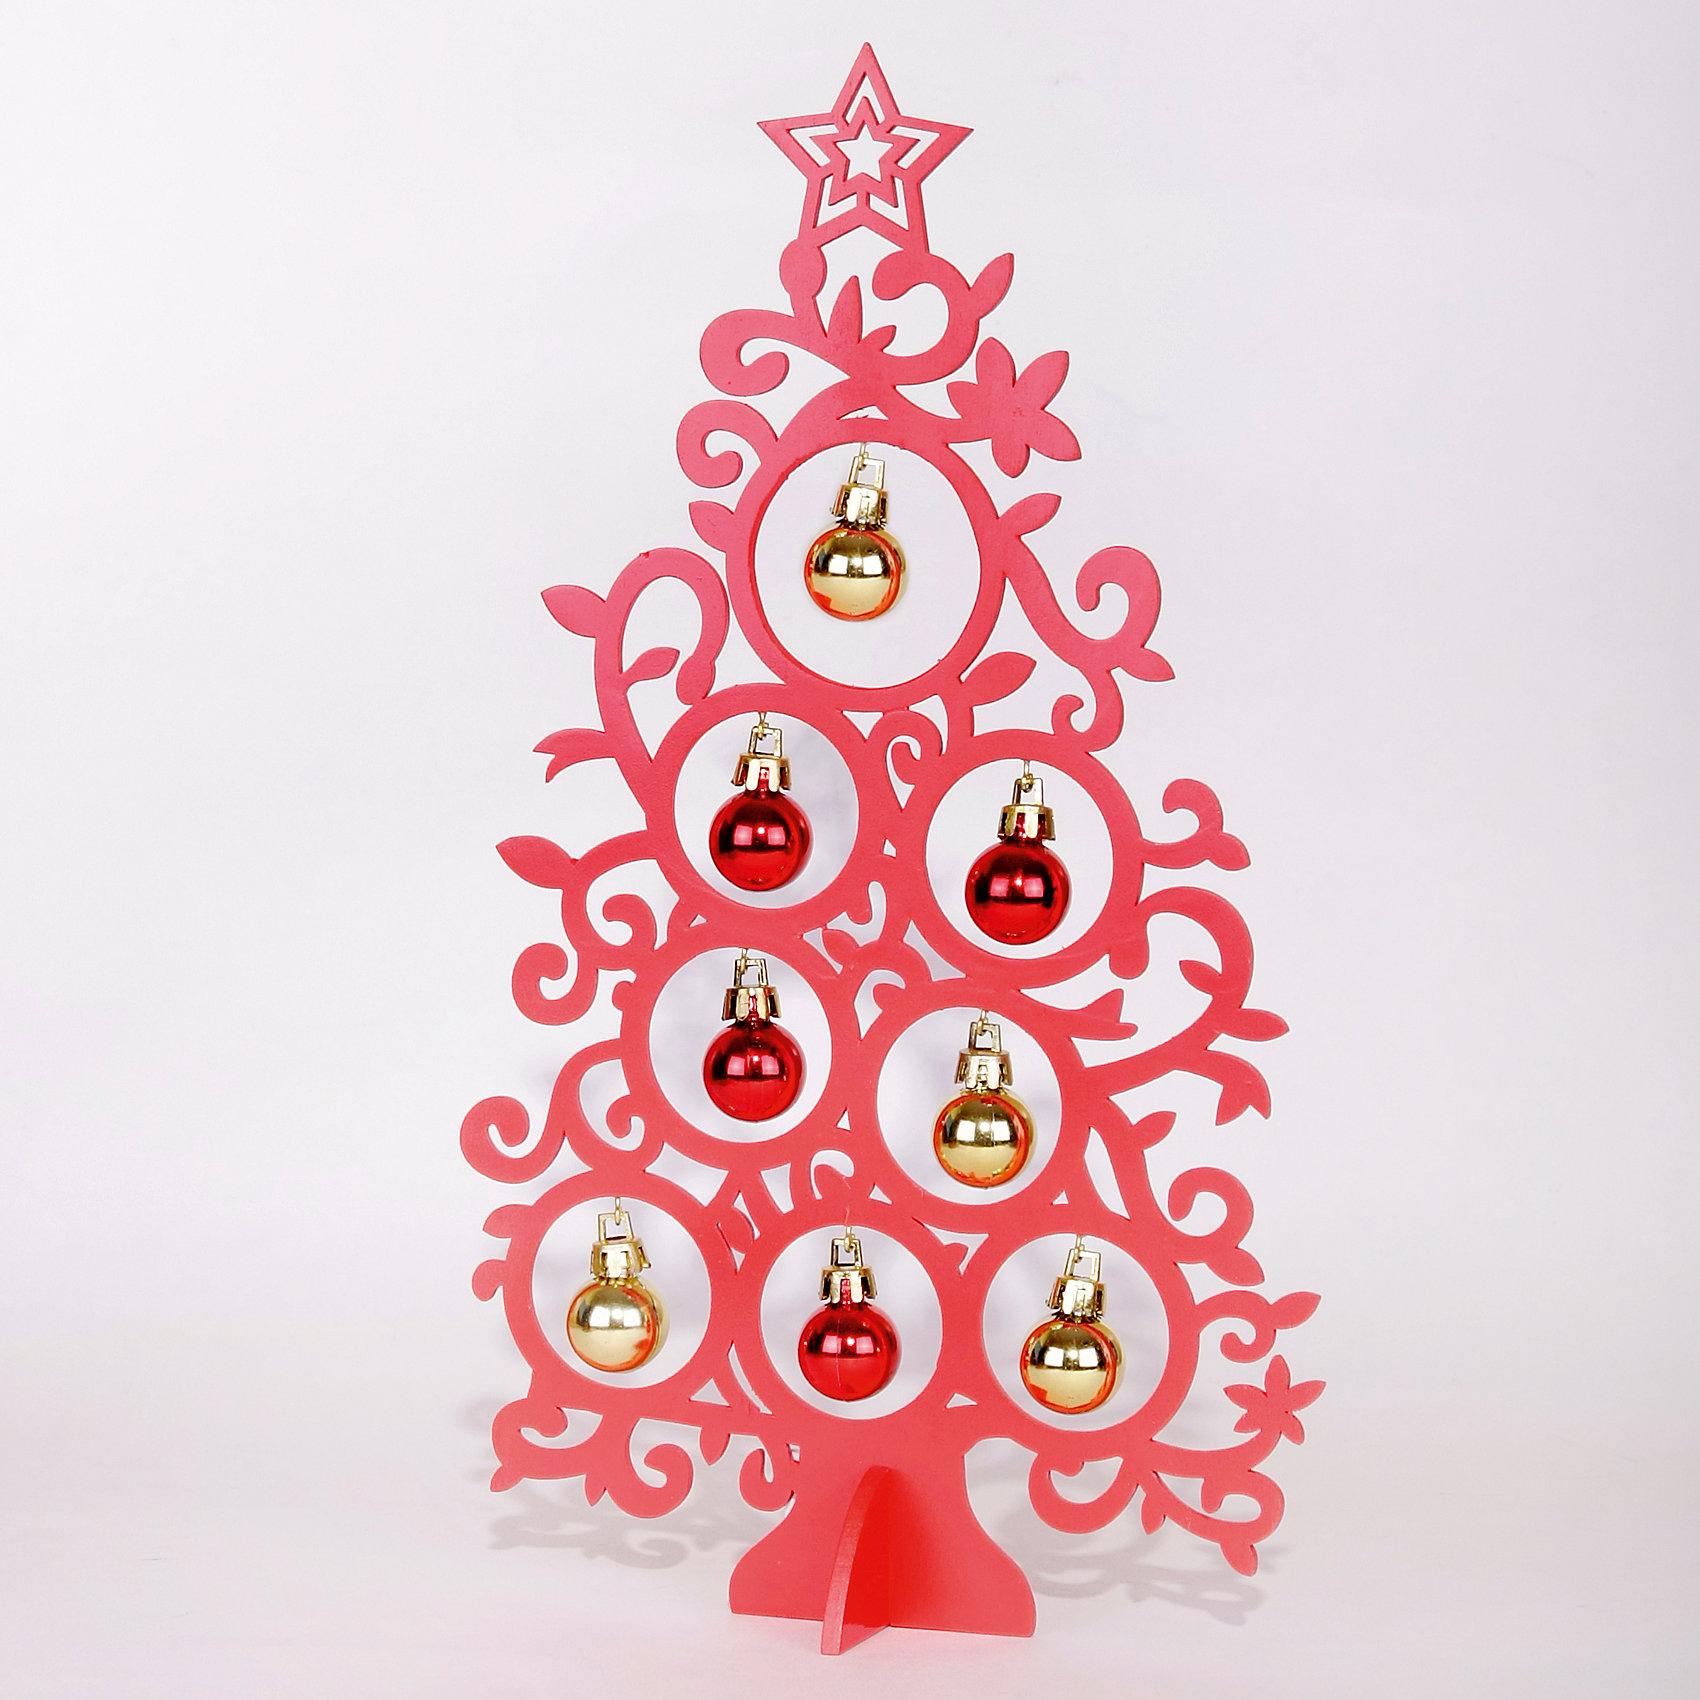 Деревянное украшение Супер-Ель (красная) 30 смДеревянное украшение Супер-Ель, Феникс-презент, замечательно украсит Ваш интерьер и станет приятным сувениром для родных и друзей. Украшение выполнено в виде ажурной новогодней елочки красного цвета, верхушку украшает звезда. В елке имеются круглые отверстия с<br>небольшими металлическими крючками, на которые можно подвесить новогодние пластиковые шарики (входят в комплект). Симпатичный сувенир порадует и взрослых и детей и создаст волшебную атмосферу новогодних праздников. <br><br><br>Дополнительная информация:<br><br>- Цвет: красный<br>- Материал: древесина тополя, пластик.<br>- Высота елки: 30 см.<br>- Размер упаковки: 31,5 x 19 x 2,5 см.<br><br>Деревянное украшение Супер-Ель (красная), Феникс-презент, можно купить в нашем интернет-магазине.<br><br>Ширина мм: 310<br>Глубина мм: 180<br>Высота мм: 30<br>Вес г: 100<br>Возраст от месяцев: 36<br>Возраст до месяцев: 2147483647<br>Пол: Унисекс<br>Возраст: Детский<br>SKU: 4274724